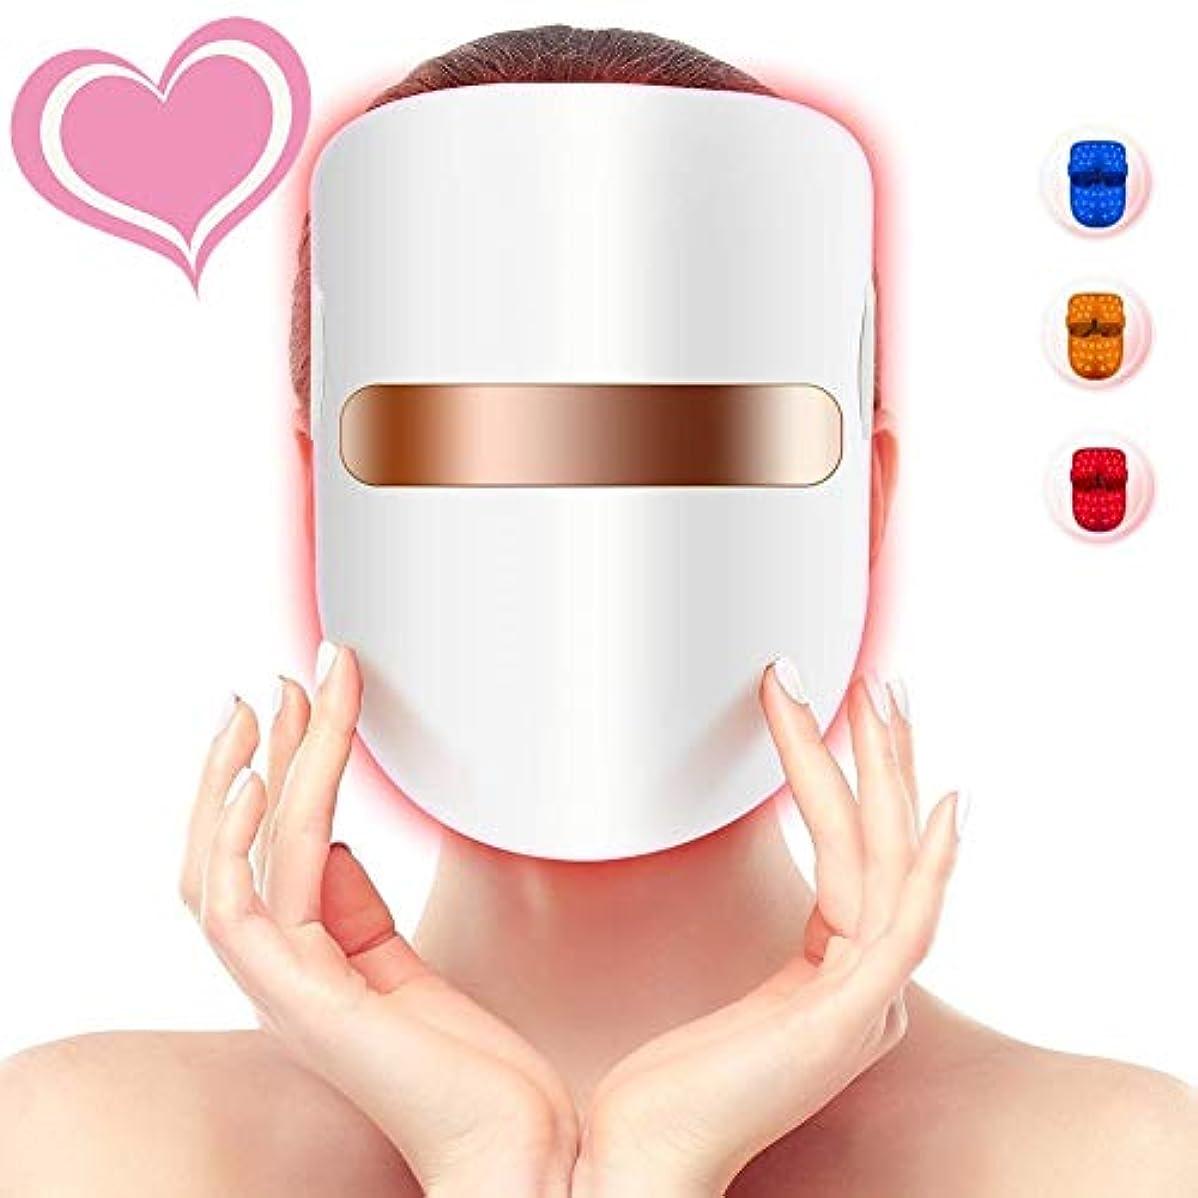 結晶公爵夫人ヒギンズ3色の軽い療法のアクネのマスク、LEDの顔のマスク、導かれた光子療法の顔の美のマスクのにきびのしわのコラーゲンの顔のスキンケアの若返りのための無制限の処置